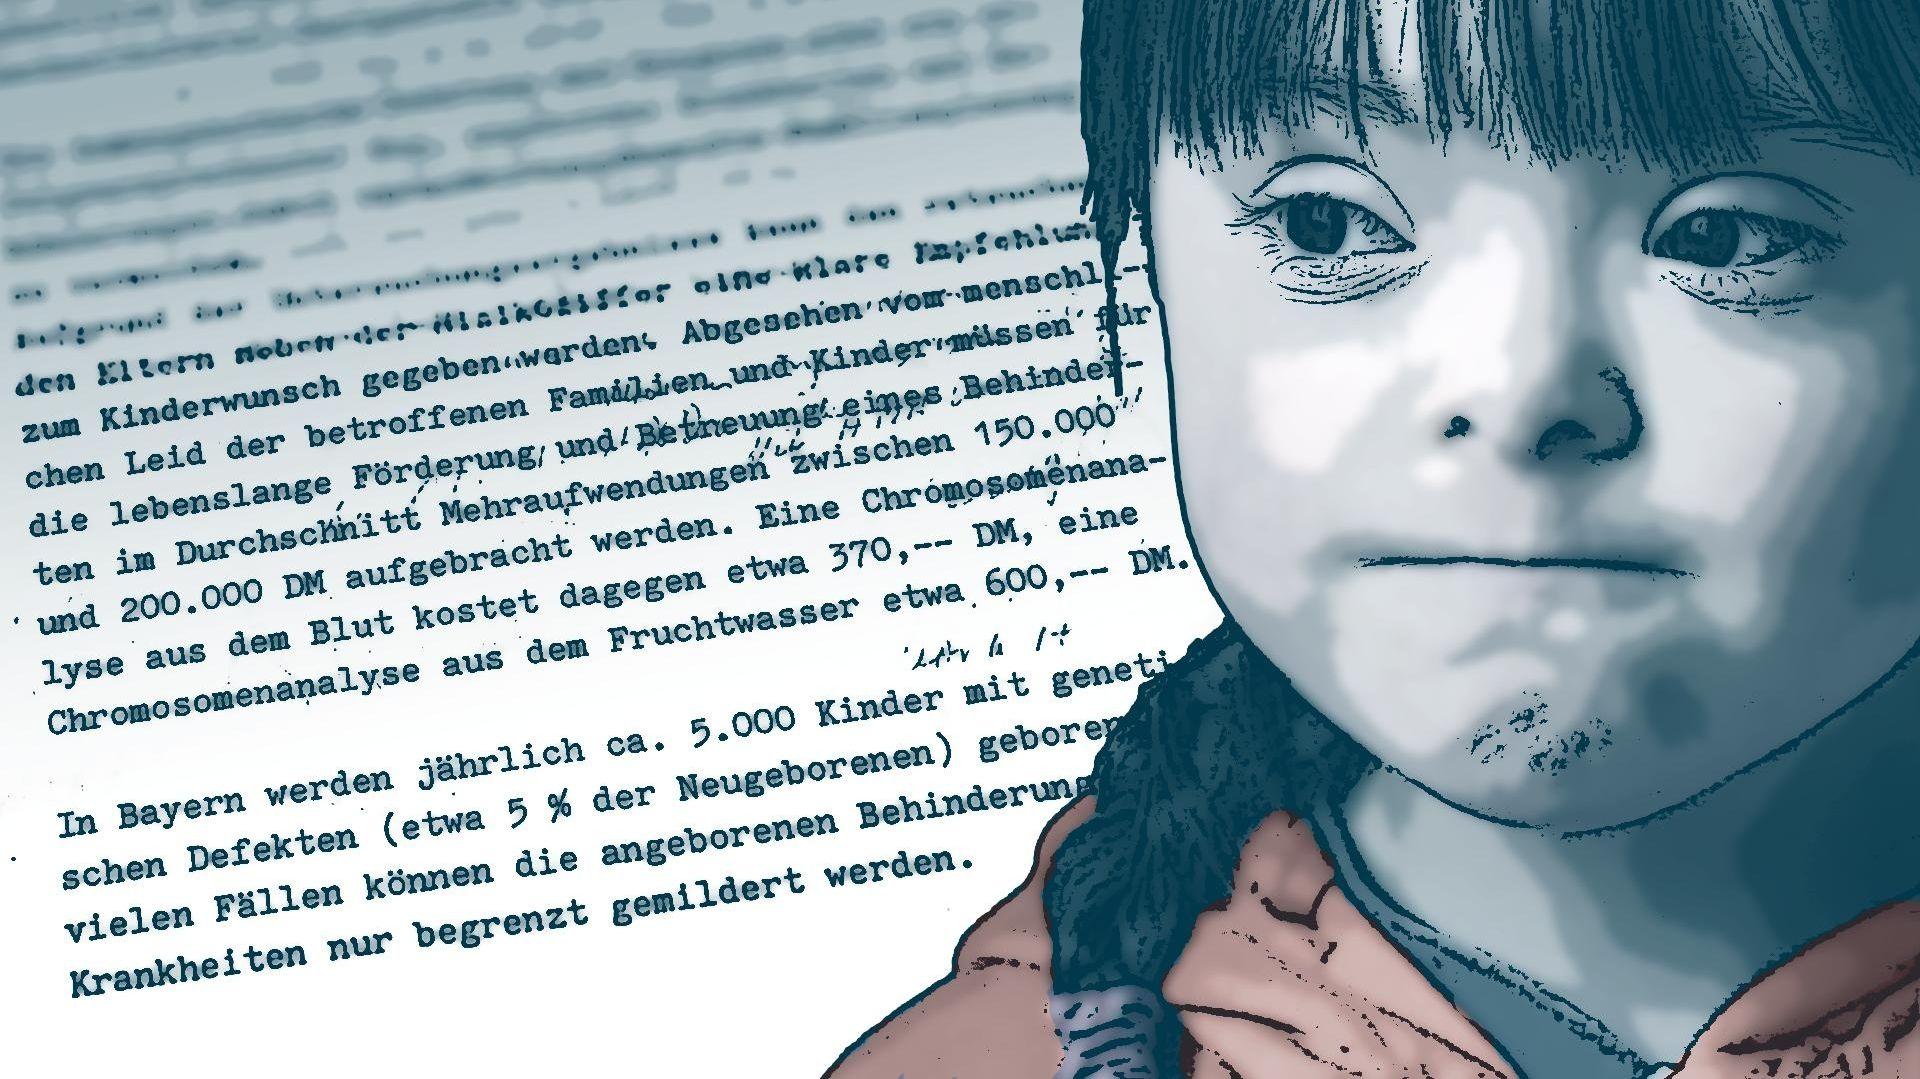 Symbolbild: Mädchen mit Trisomie 21 vor getipptem Text zum Kosten-Nutzen-Faktor